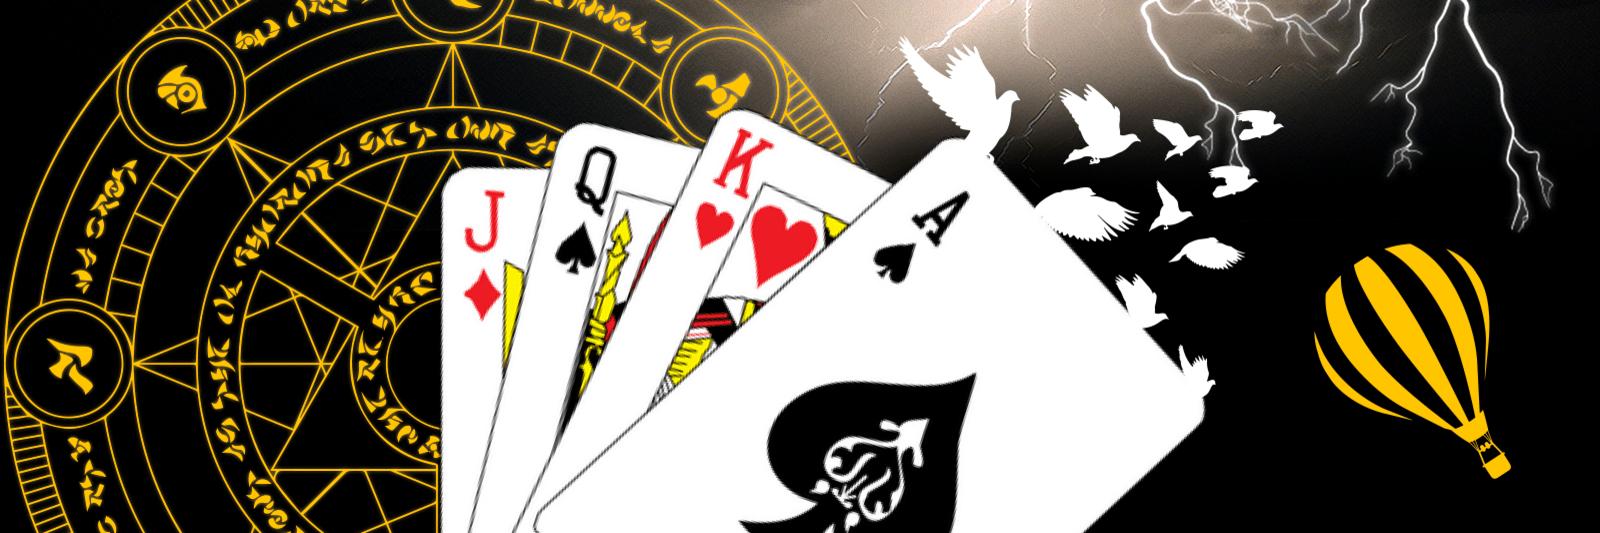 27 magicians article 1600px  w  640px  h   1  005 pre